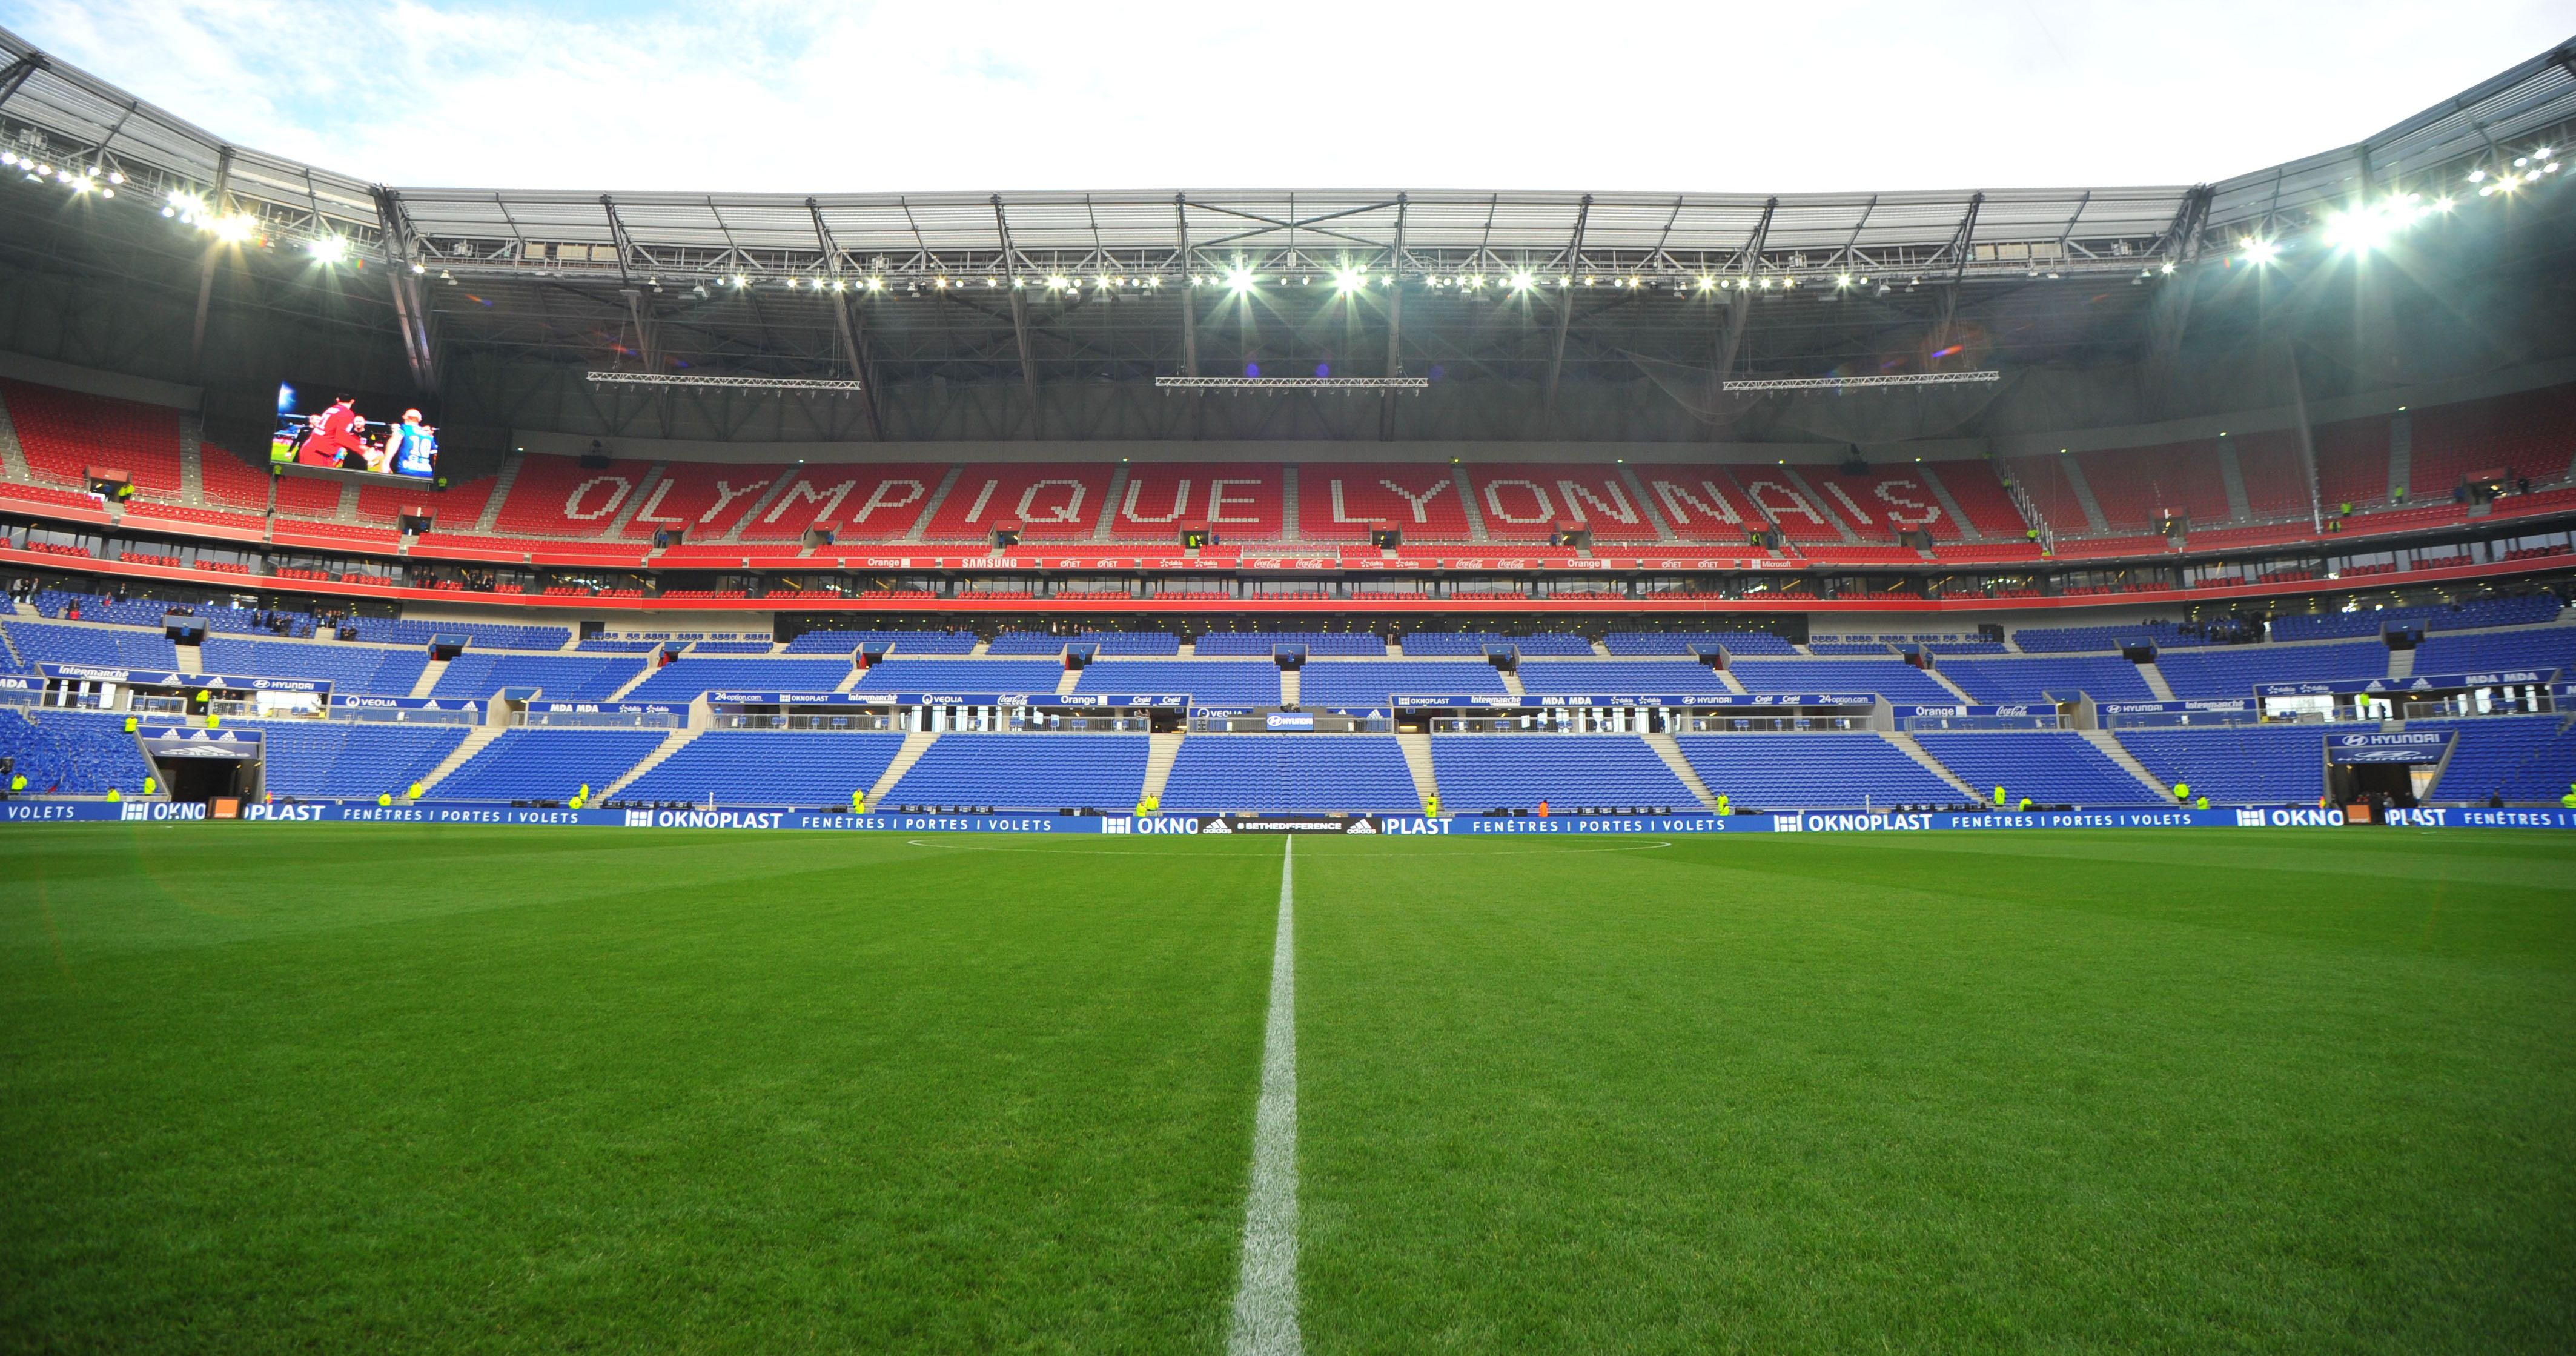 Pourquoi la finale de la coupe de la ligue se joue lyon - Resultats coupe de la ligue 1 football ...